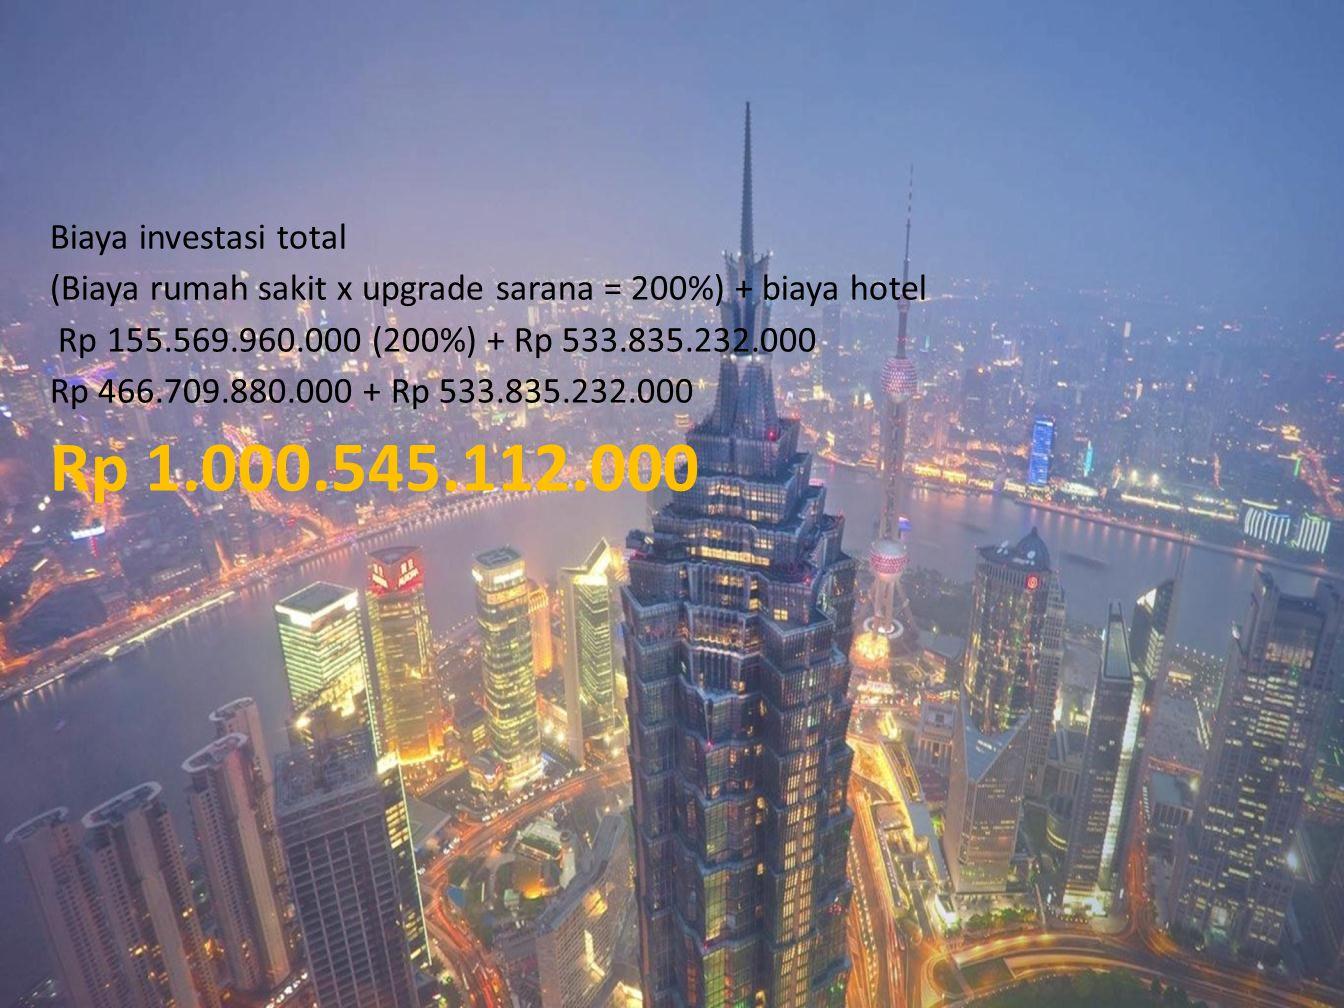 Biaya investasi total (Biaya rumah sakit x upgrade sarana = 200%) + biaya hotel Rp 155.569.960.000 (200%) + Rp 533.835.232.000 Rp 466.709.880.000 + Rp